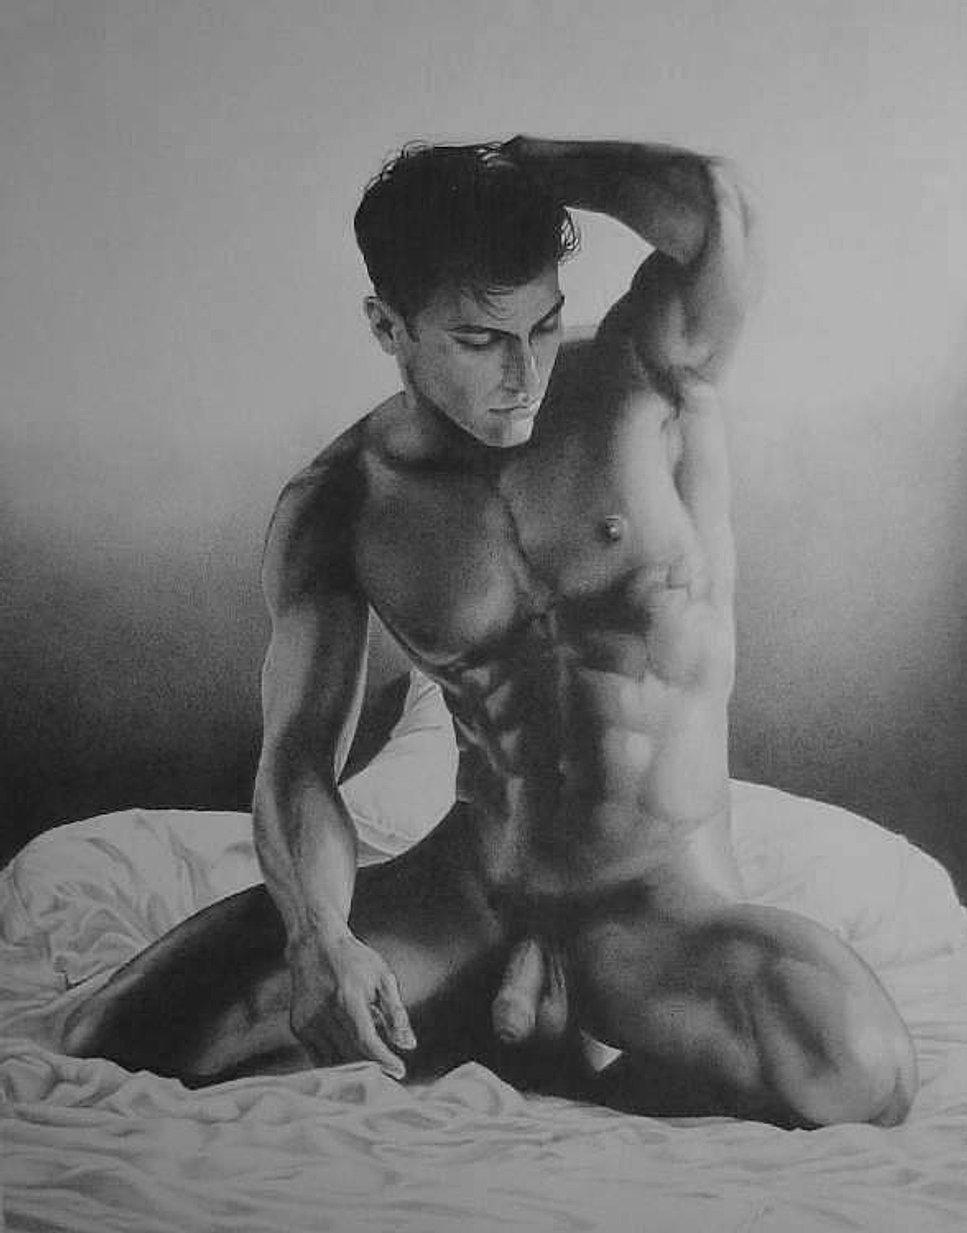 Карандашом голые парни на рисунках